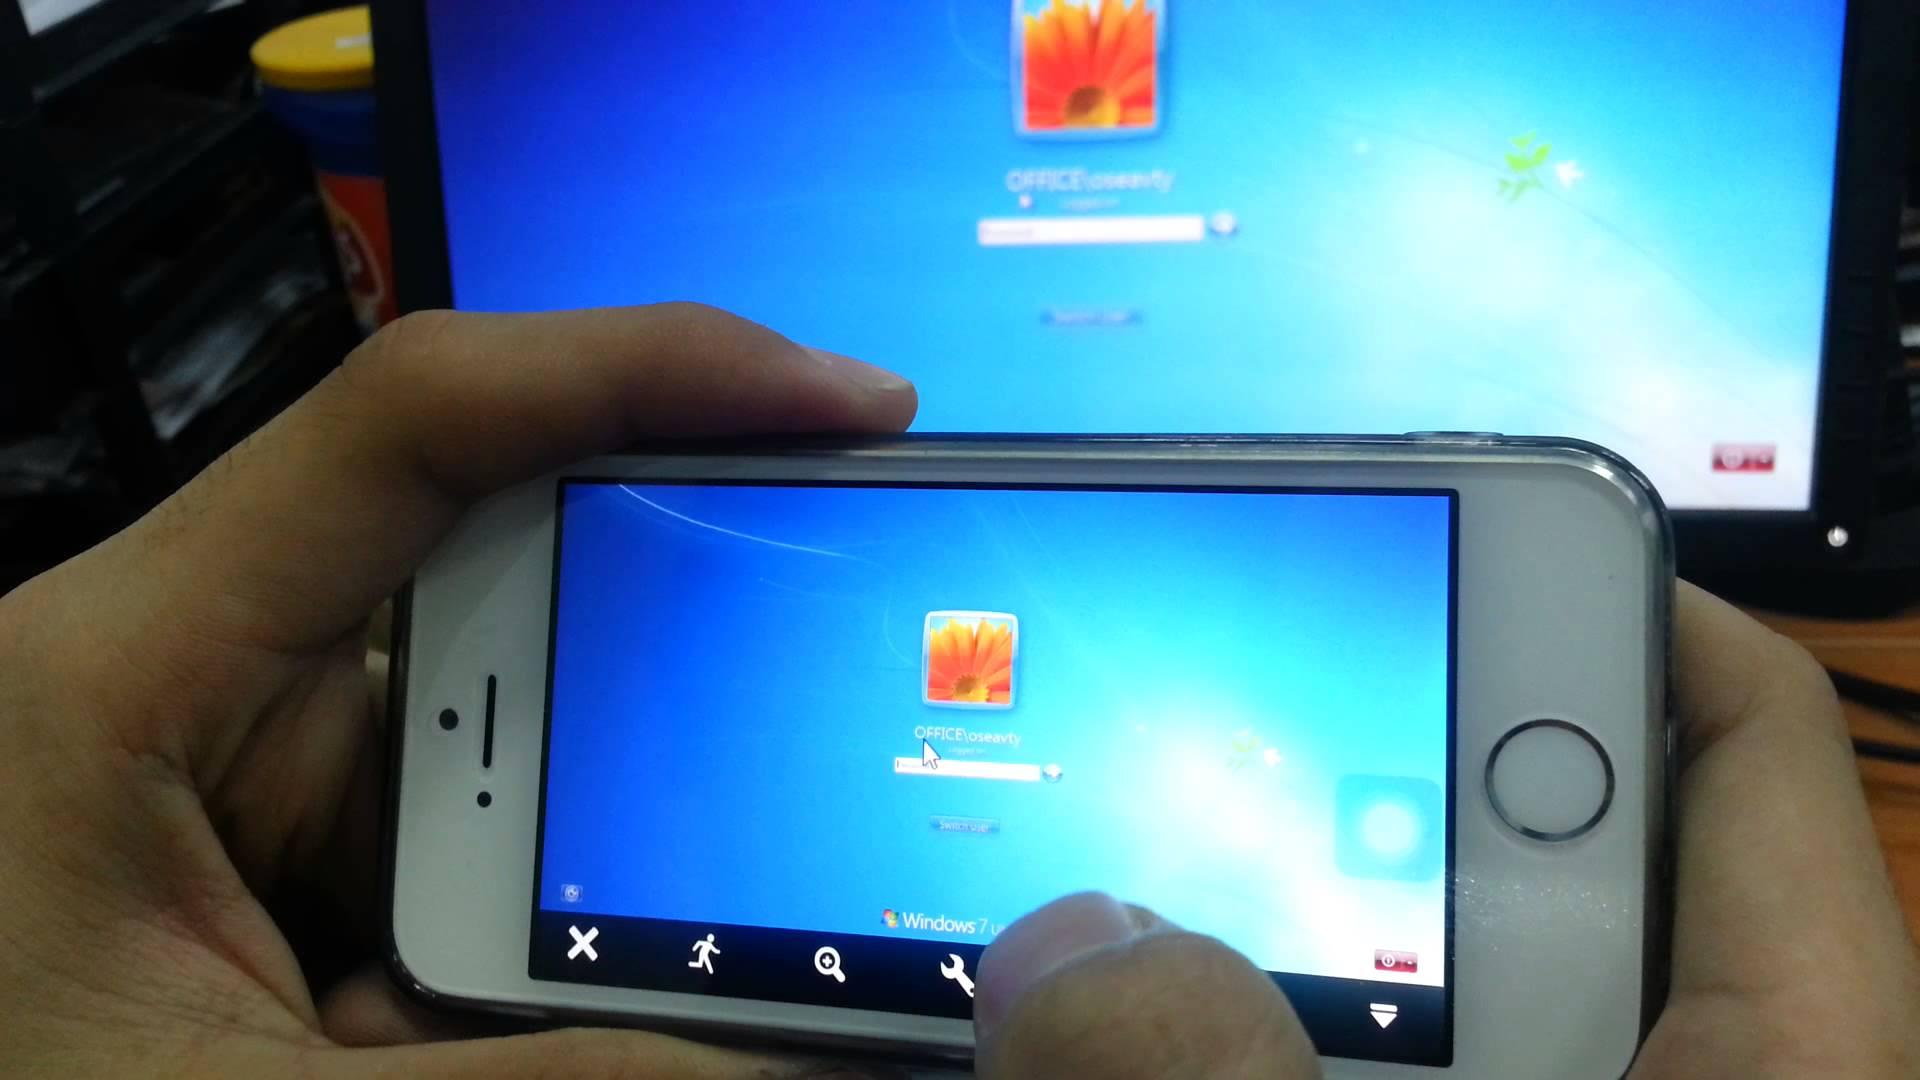 Cách điều khiển Máy tính từ xa trên iPhone với TeamViewer